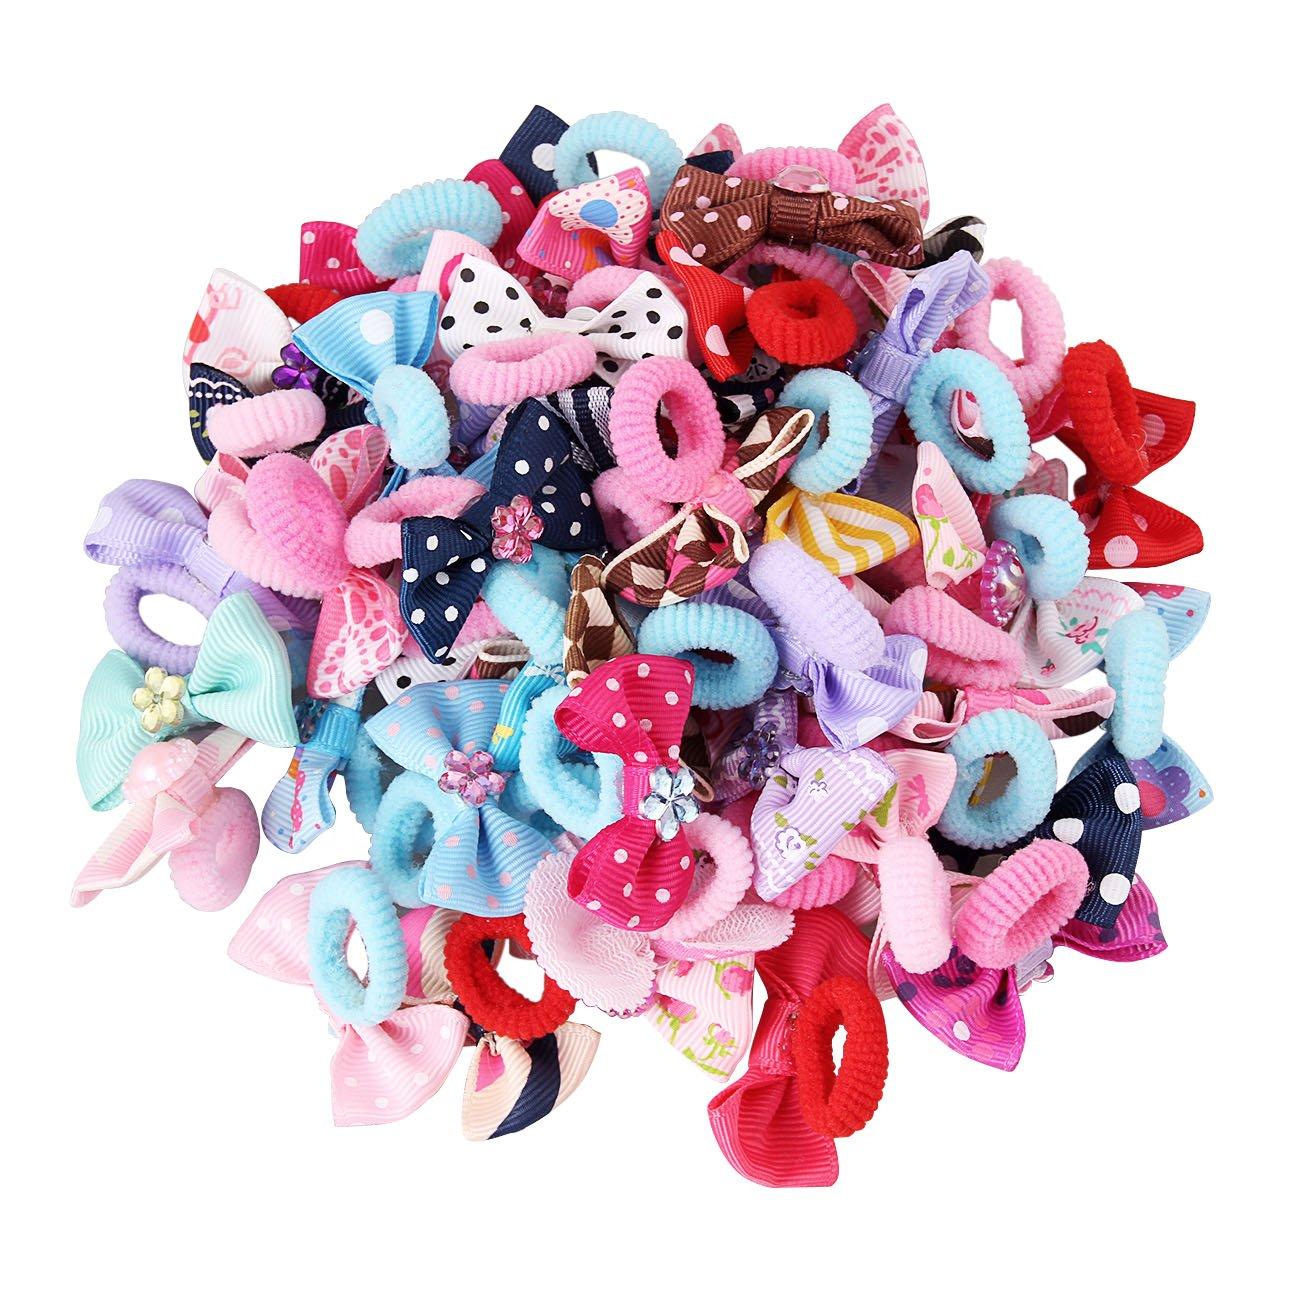 Candygirl Elastici per Capelli Coda di cavallo Bambina Ragazza Accessori per Capelli (24 pezzi per confezione)